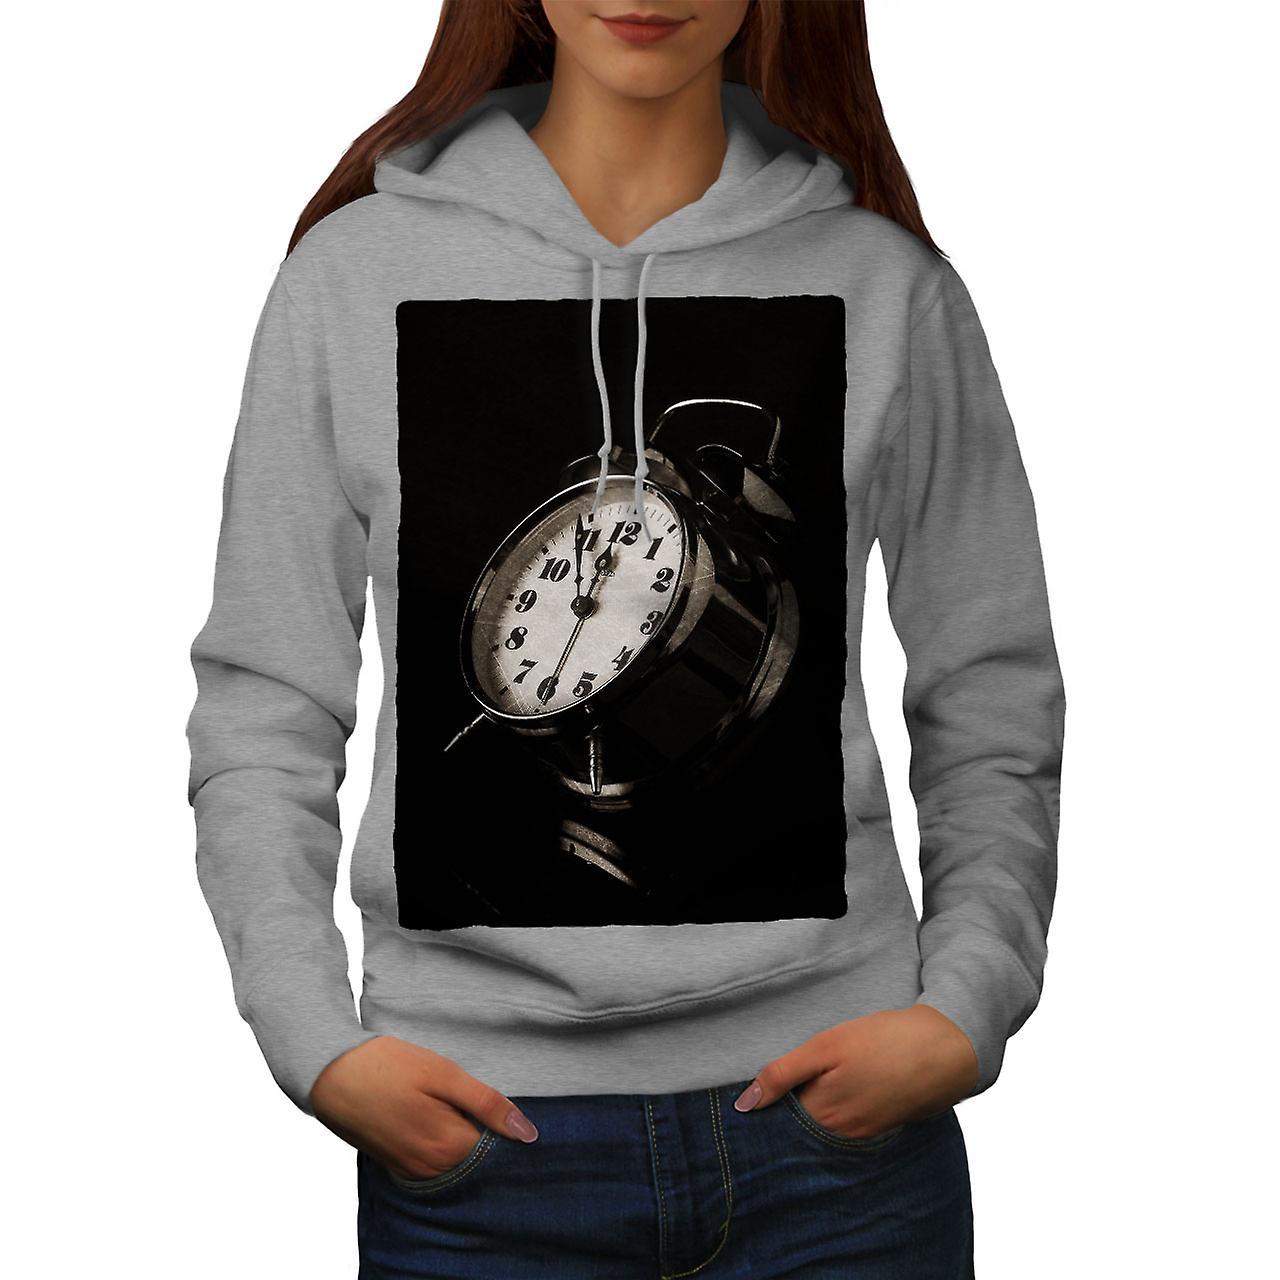 Horloge ancienne femmes Funky grisHoodie